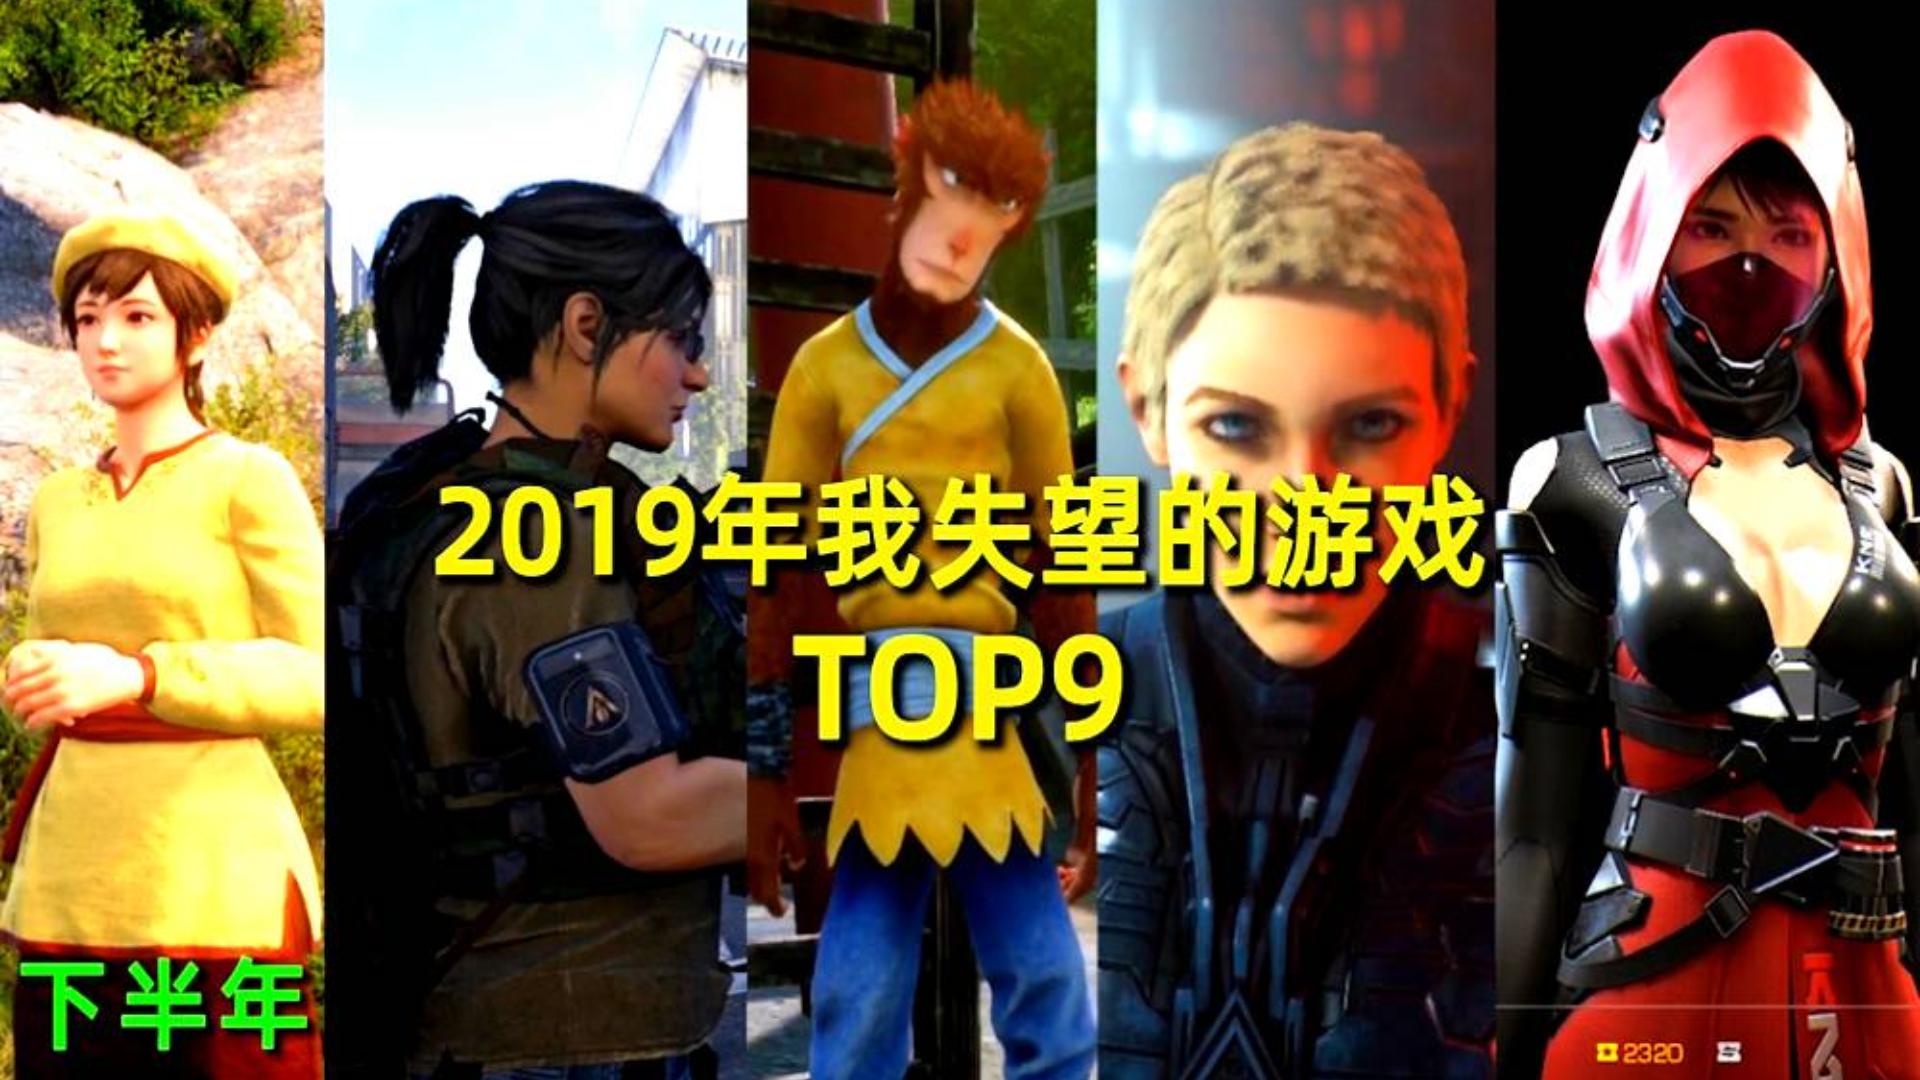 《游戏top榜》2019我失望的游戏top9下半年